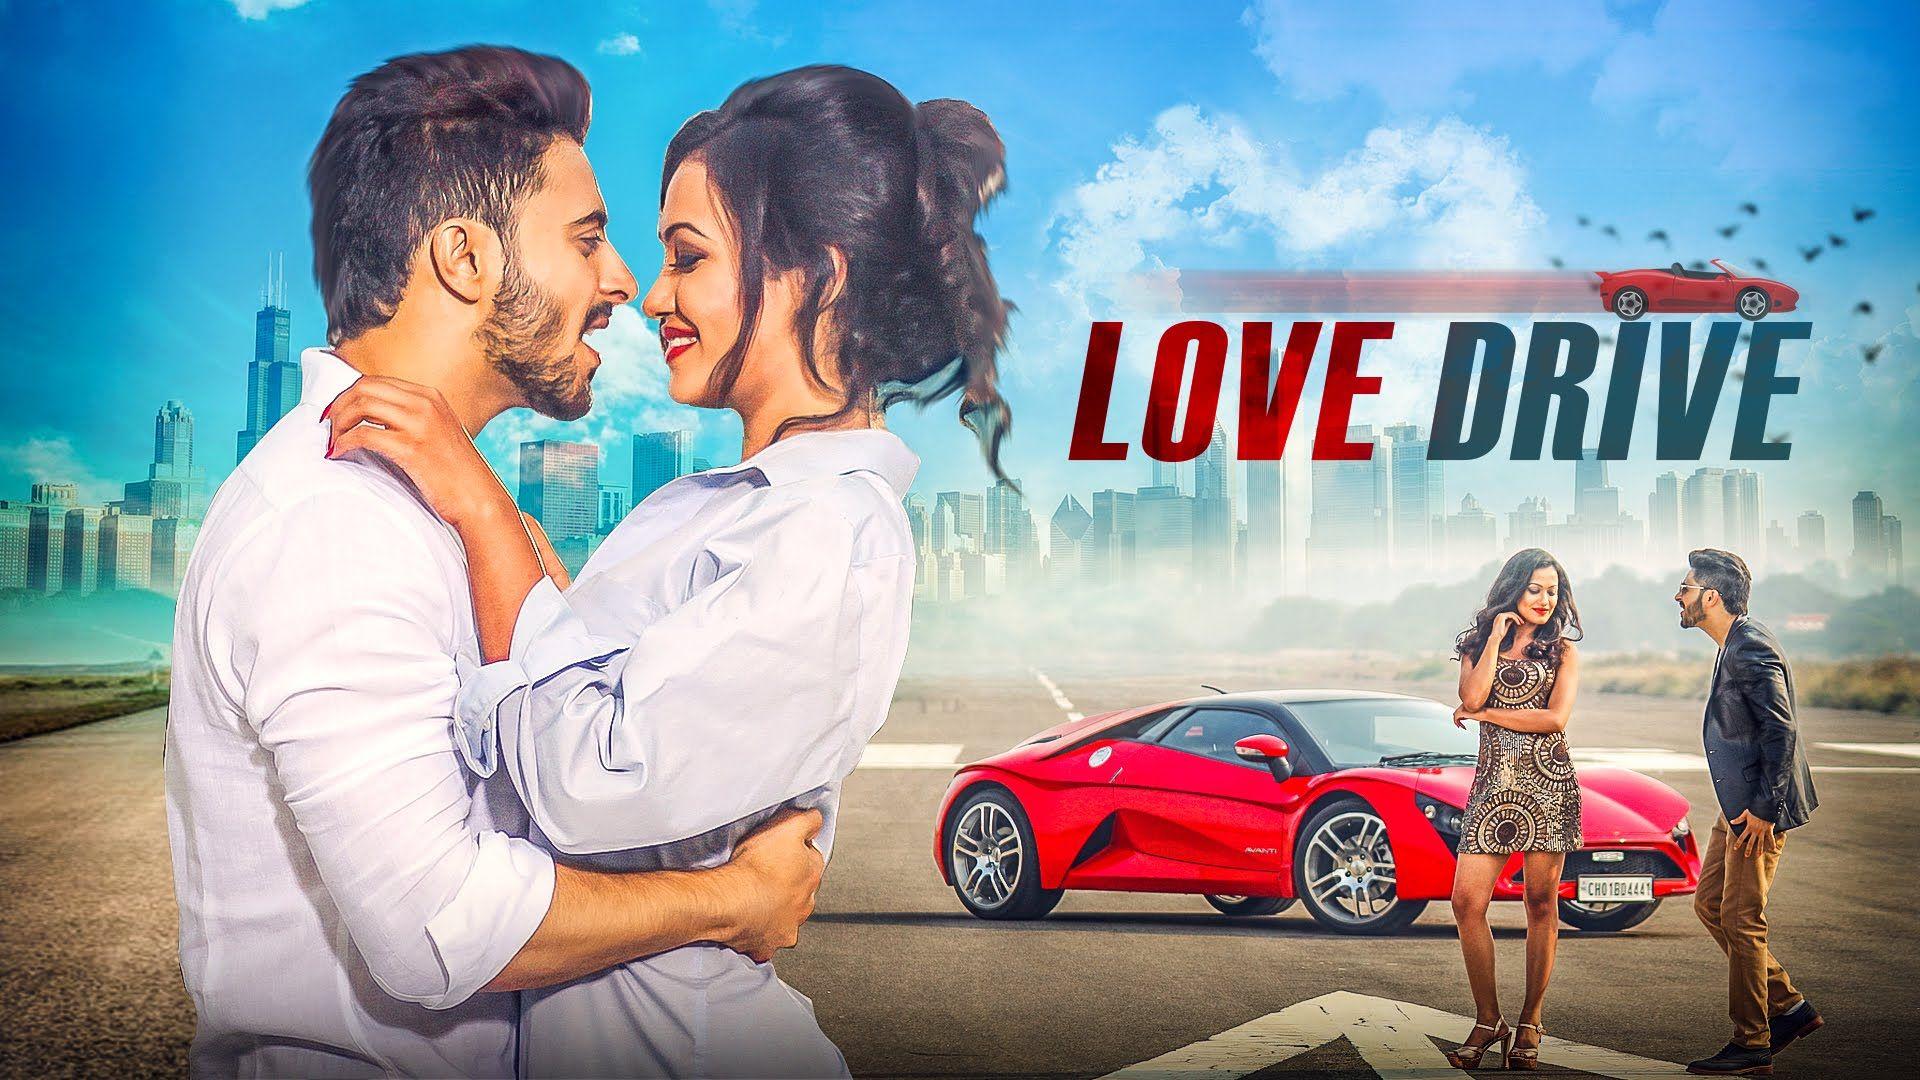 Dimaag khraab miss pooja featuring ammy virk latest punjabi songs 2016 tahliwood record latest punjabi song 2016 pinterest songs latest music